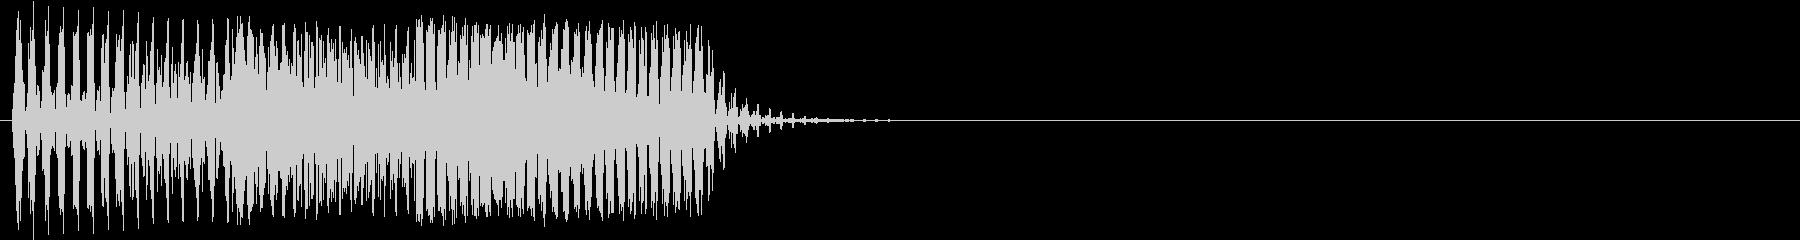 ビララッ(テレビゲーム・アプリ・決定音)の未再生の波形